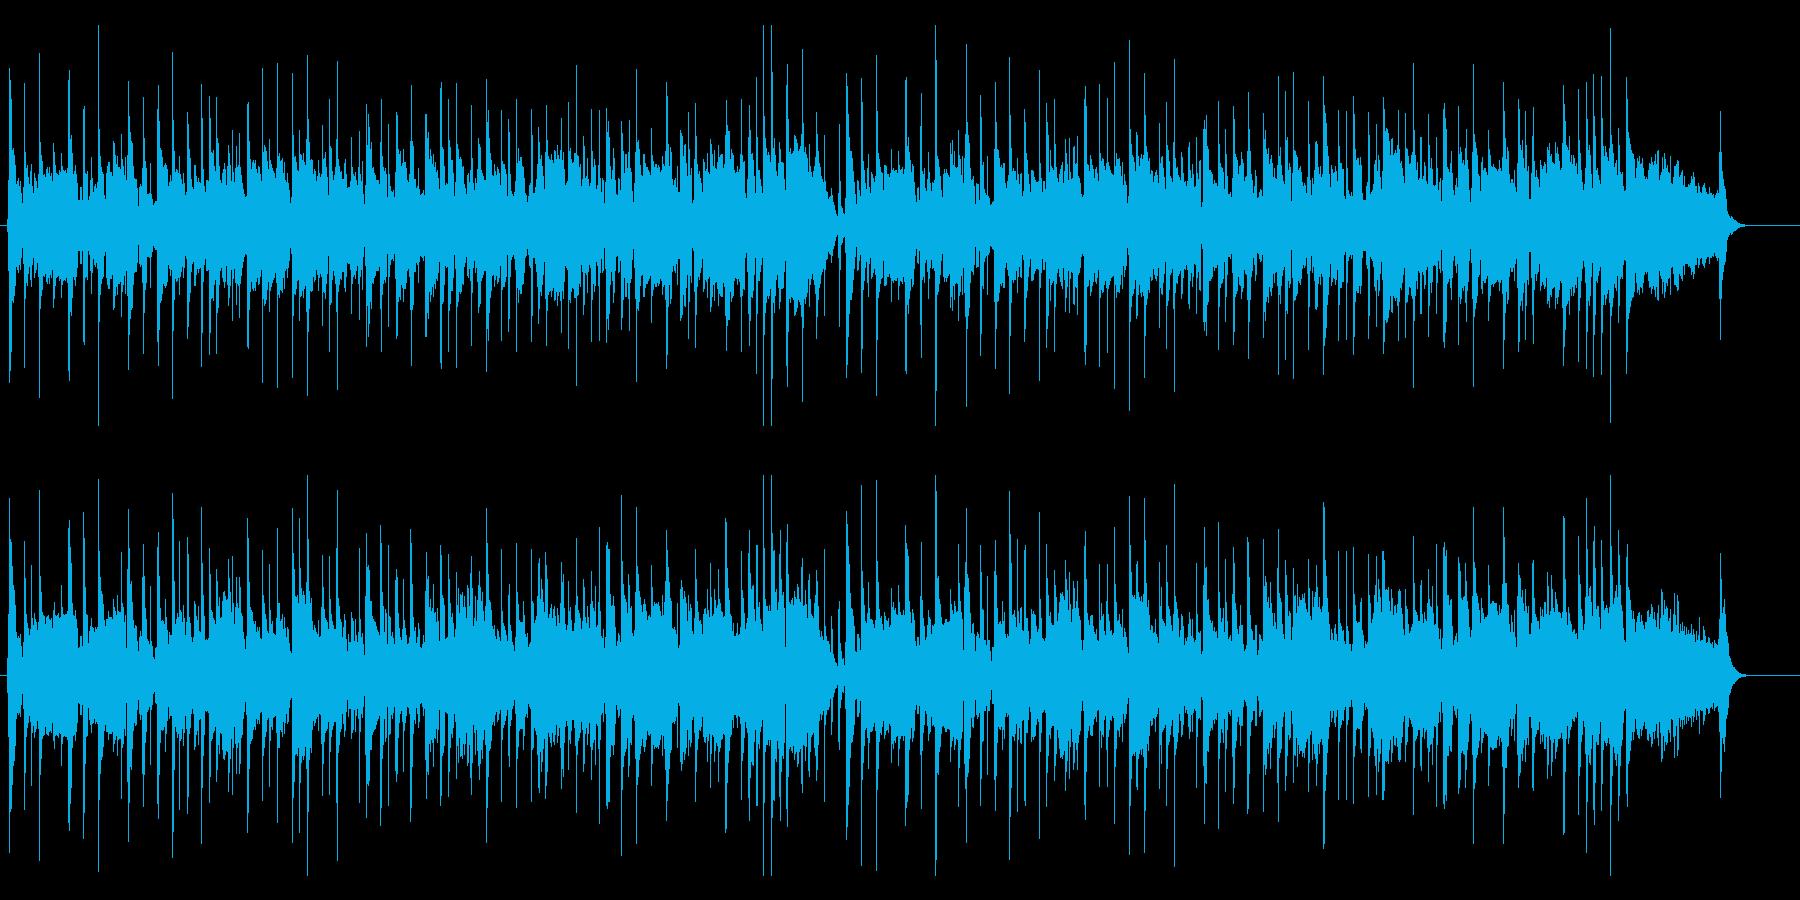 尺八・箏・三味線の純和風さくらさくら(長の再生済みの波形